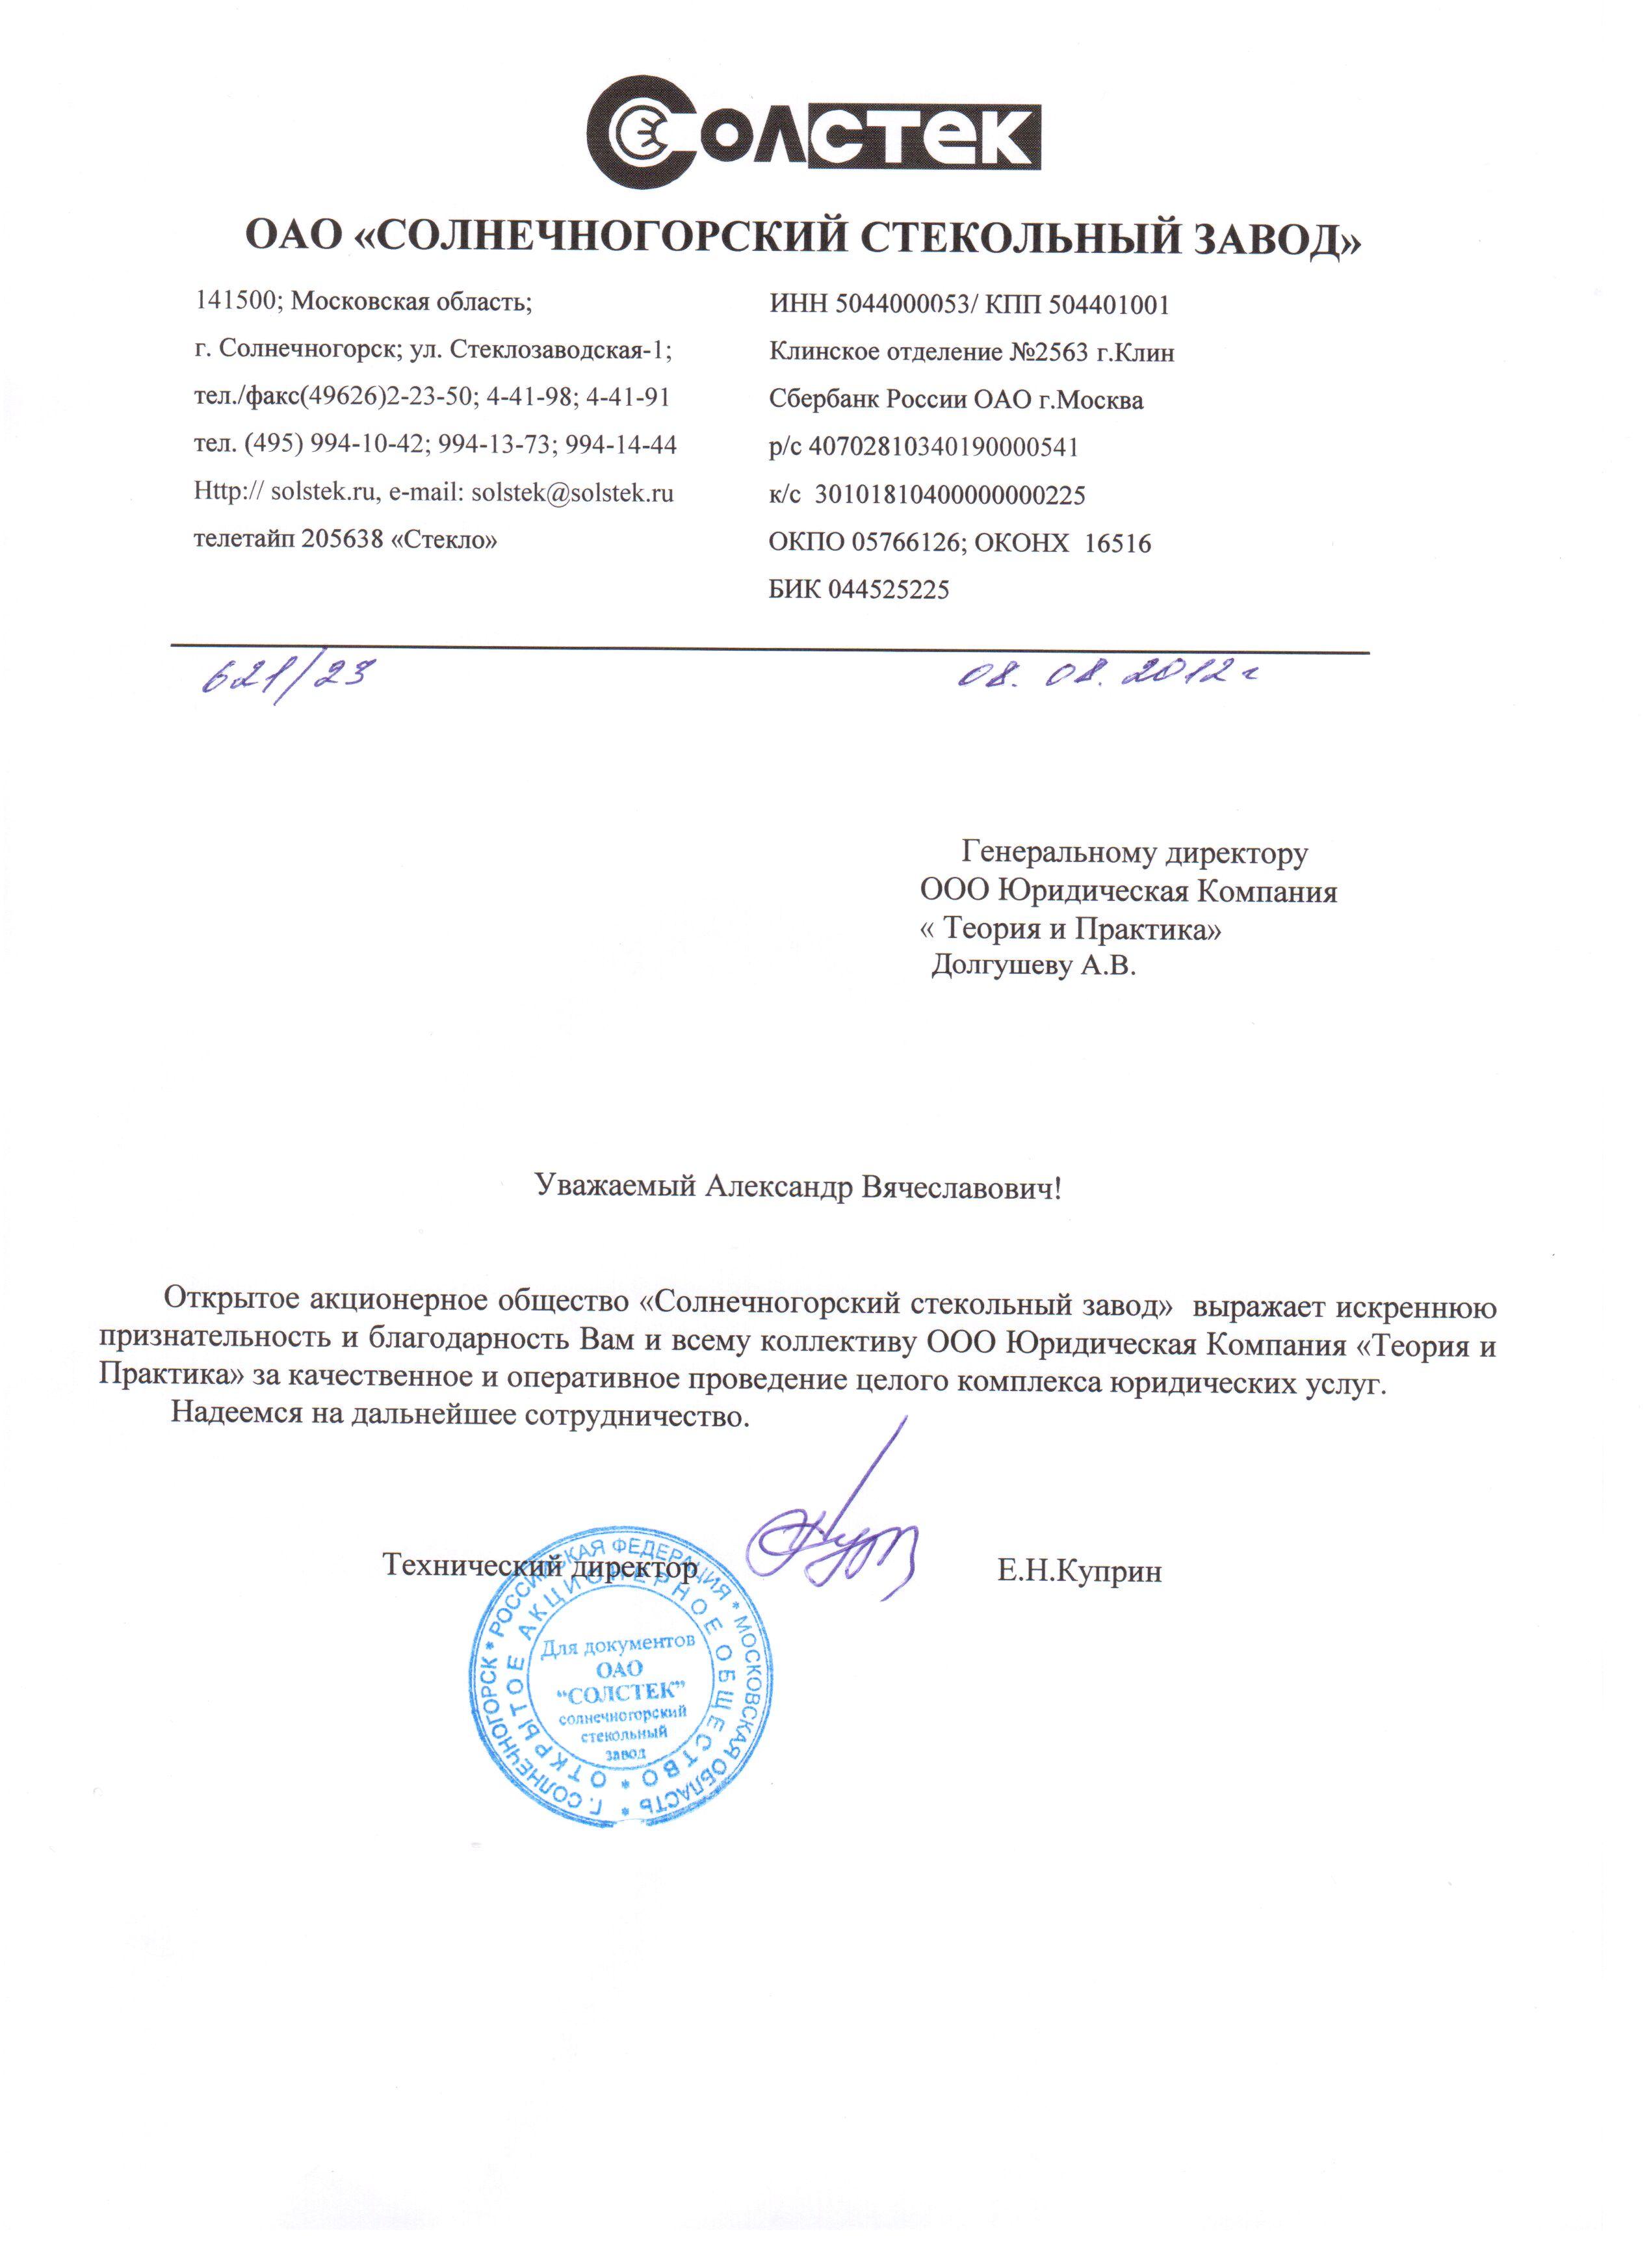 Благодарственное письмо ОАО СОЛСТЕК